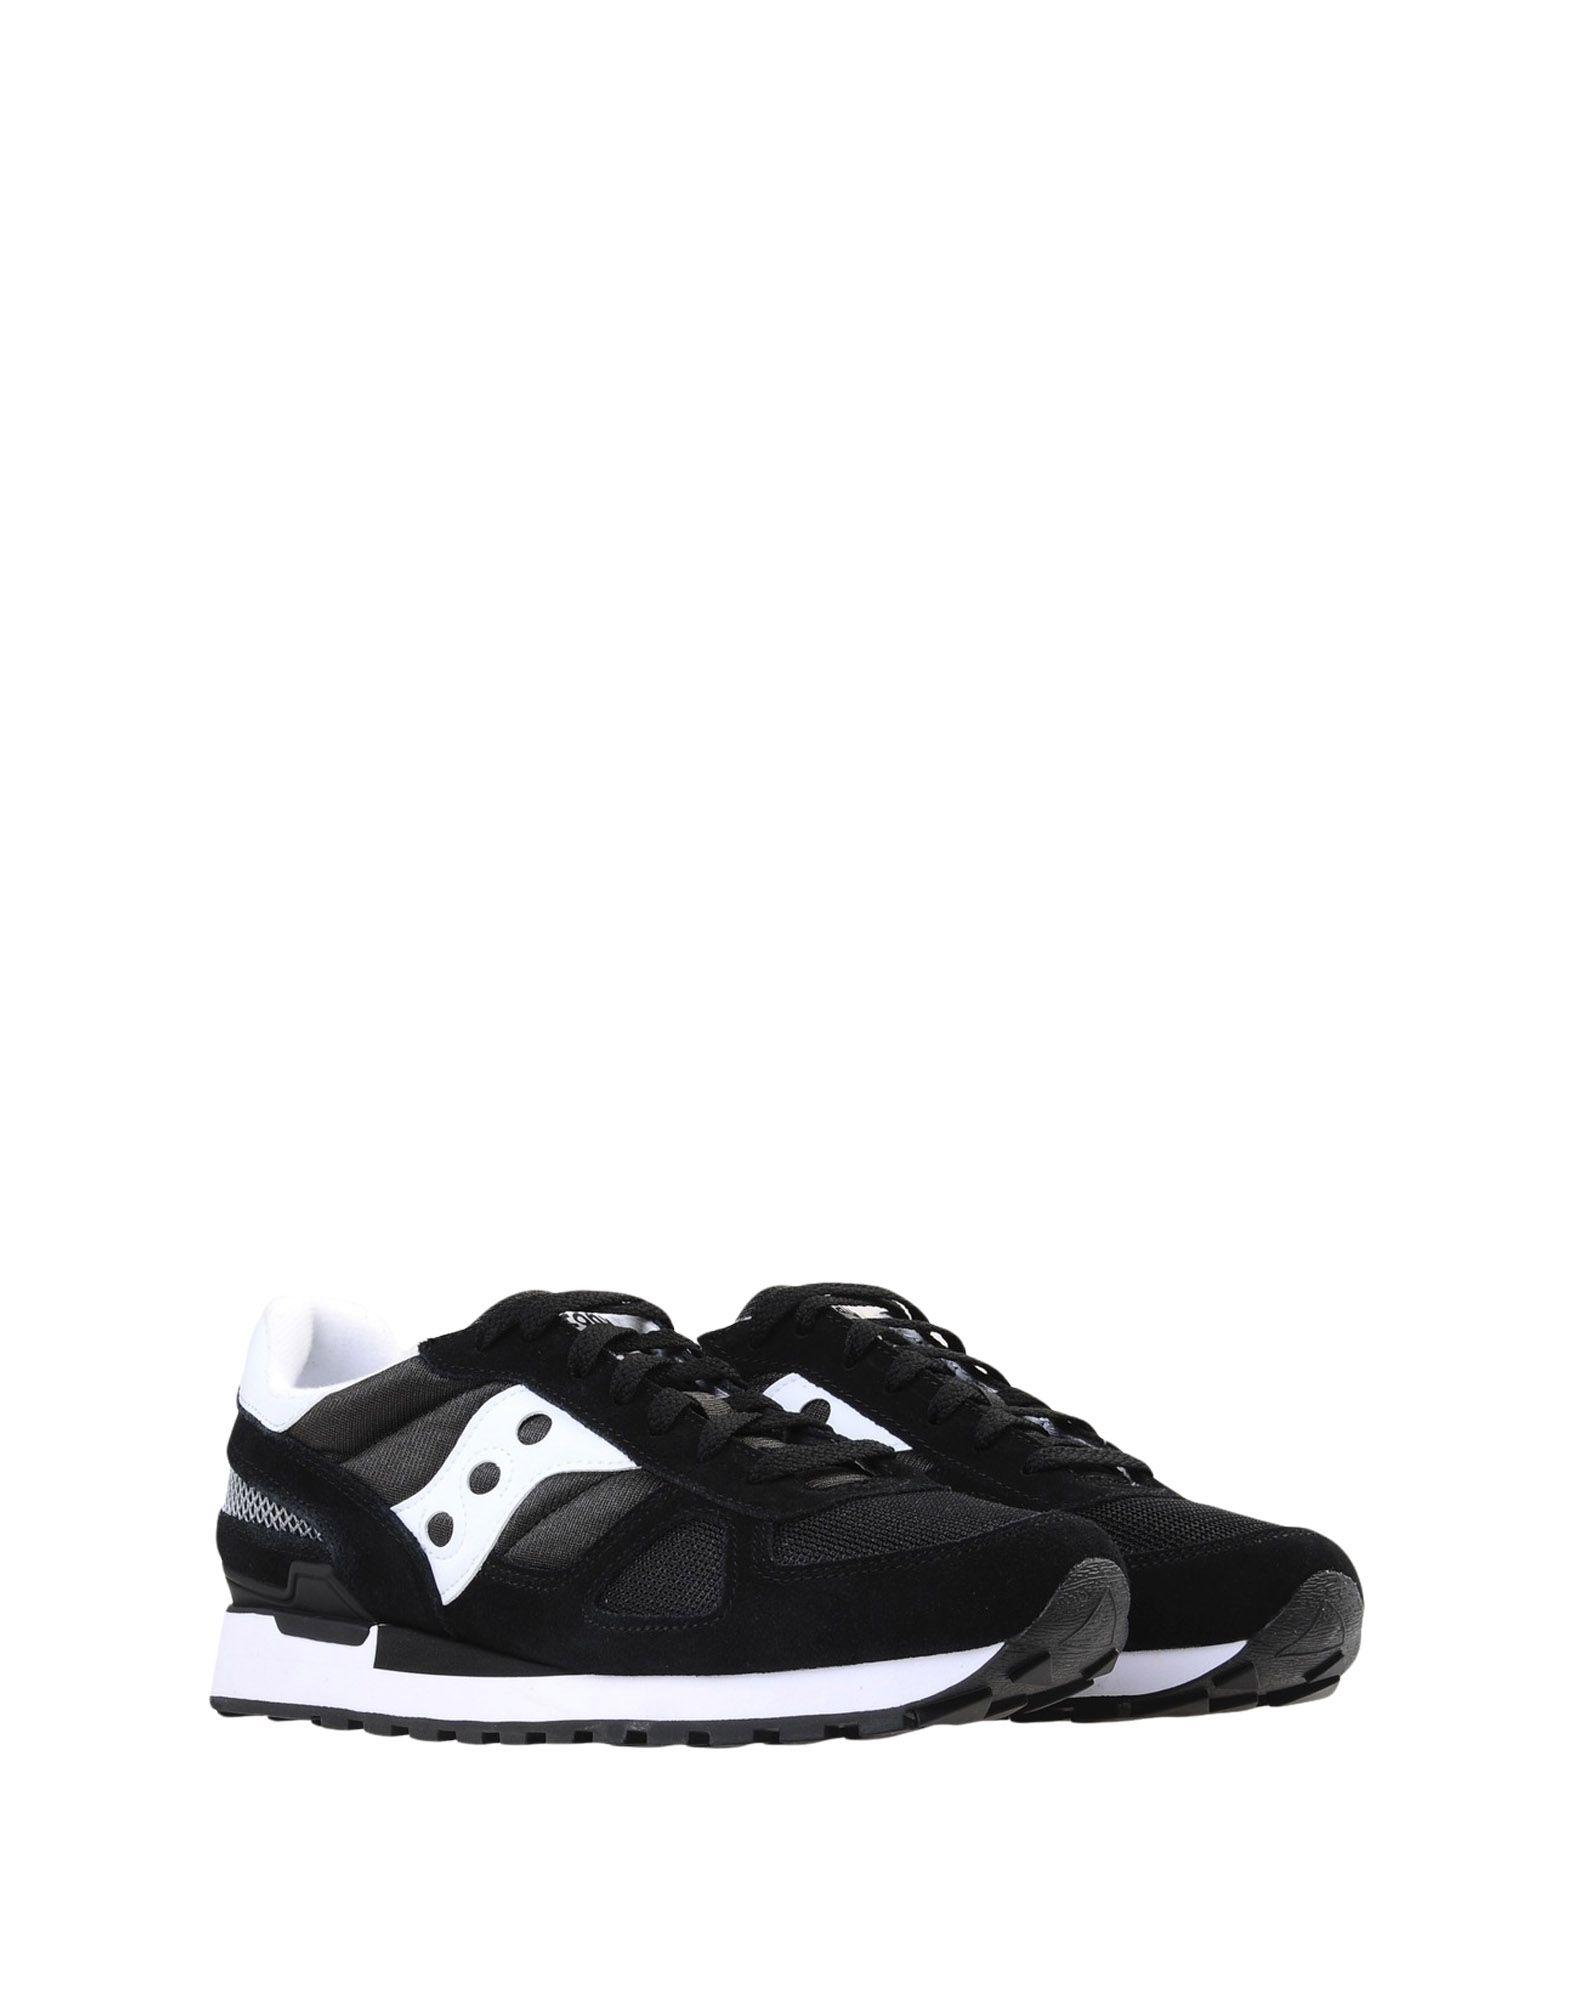 Sneakers Saucony Shadow Original - Homme - Sneakers Saucony sur